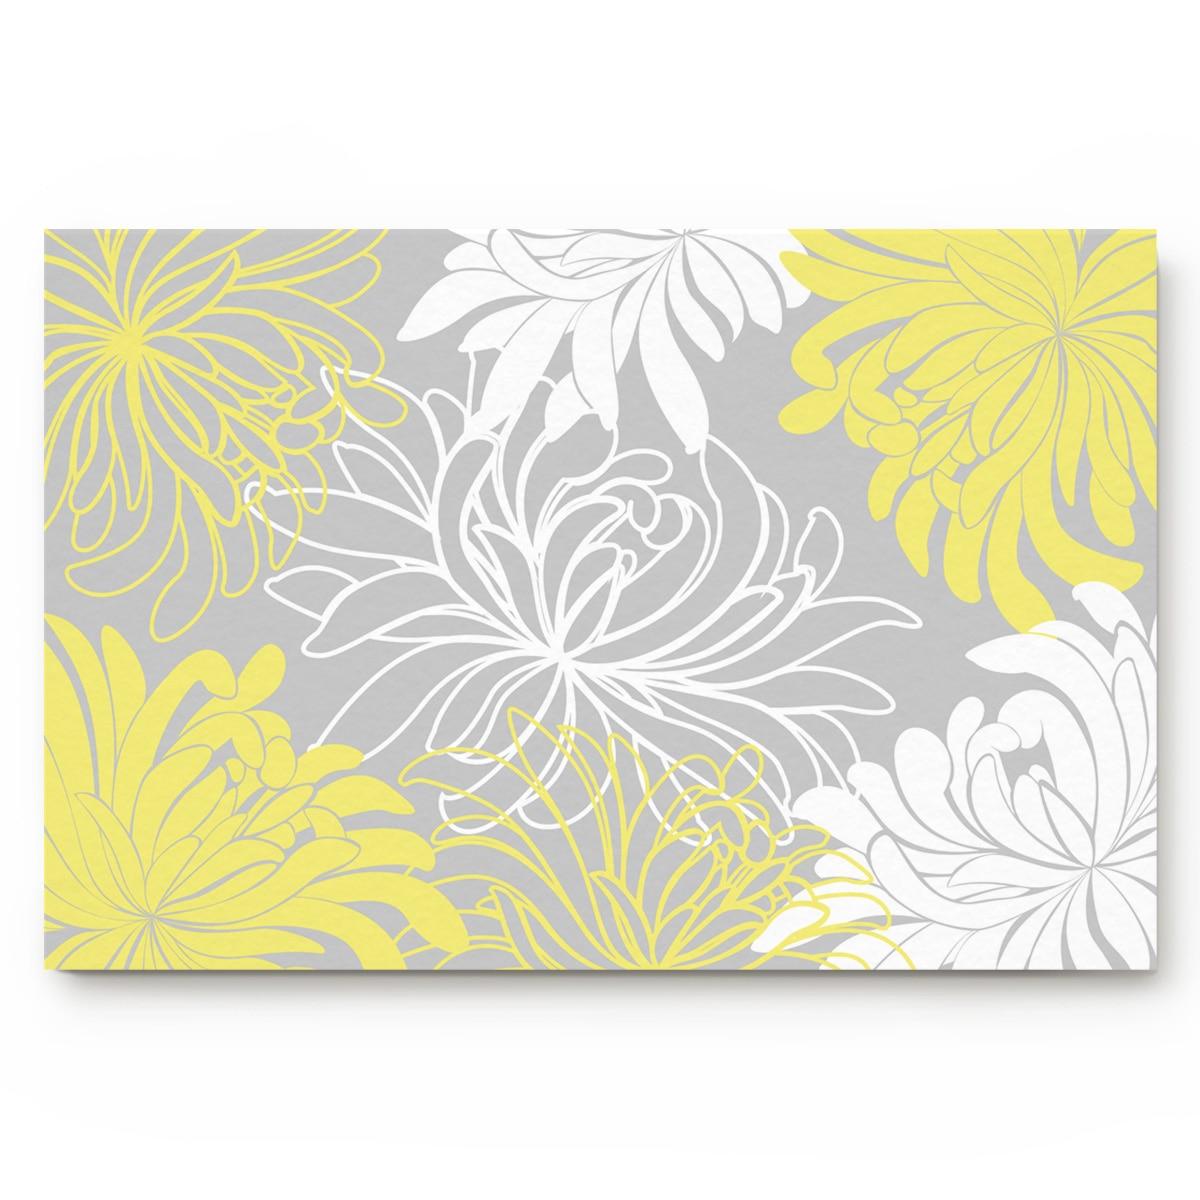 Dalia alfombras de baño amarillas y blancas antideslizantes felpudo puerta felpudo accesorios de baño